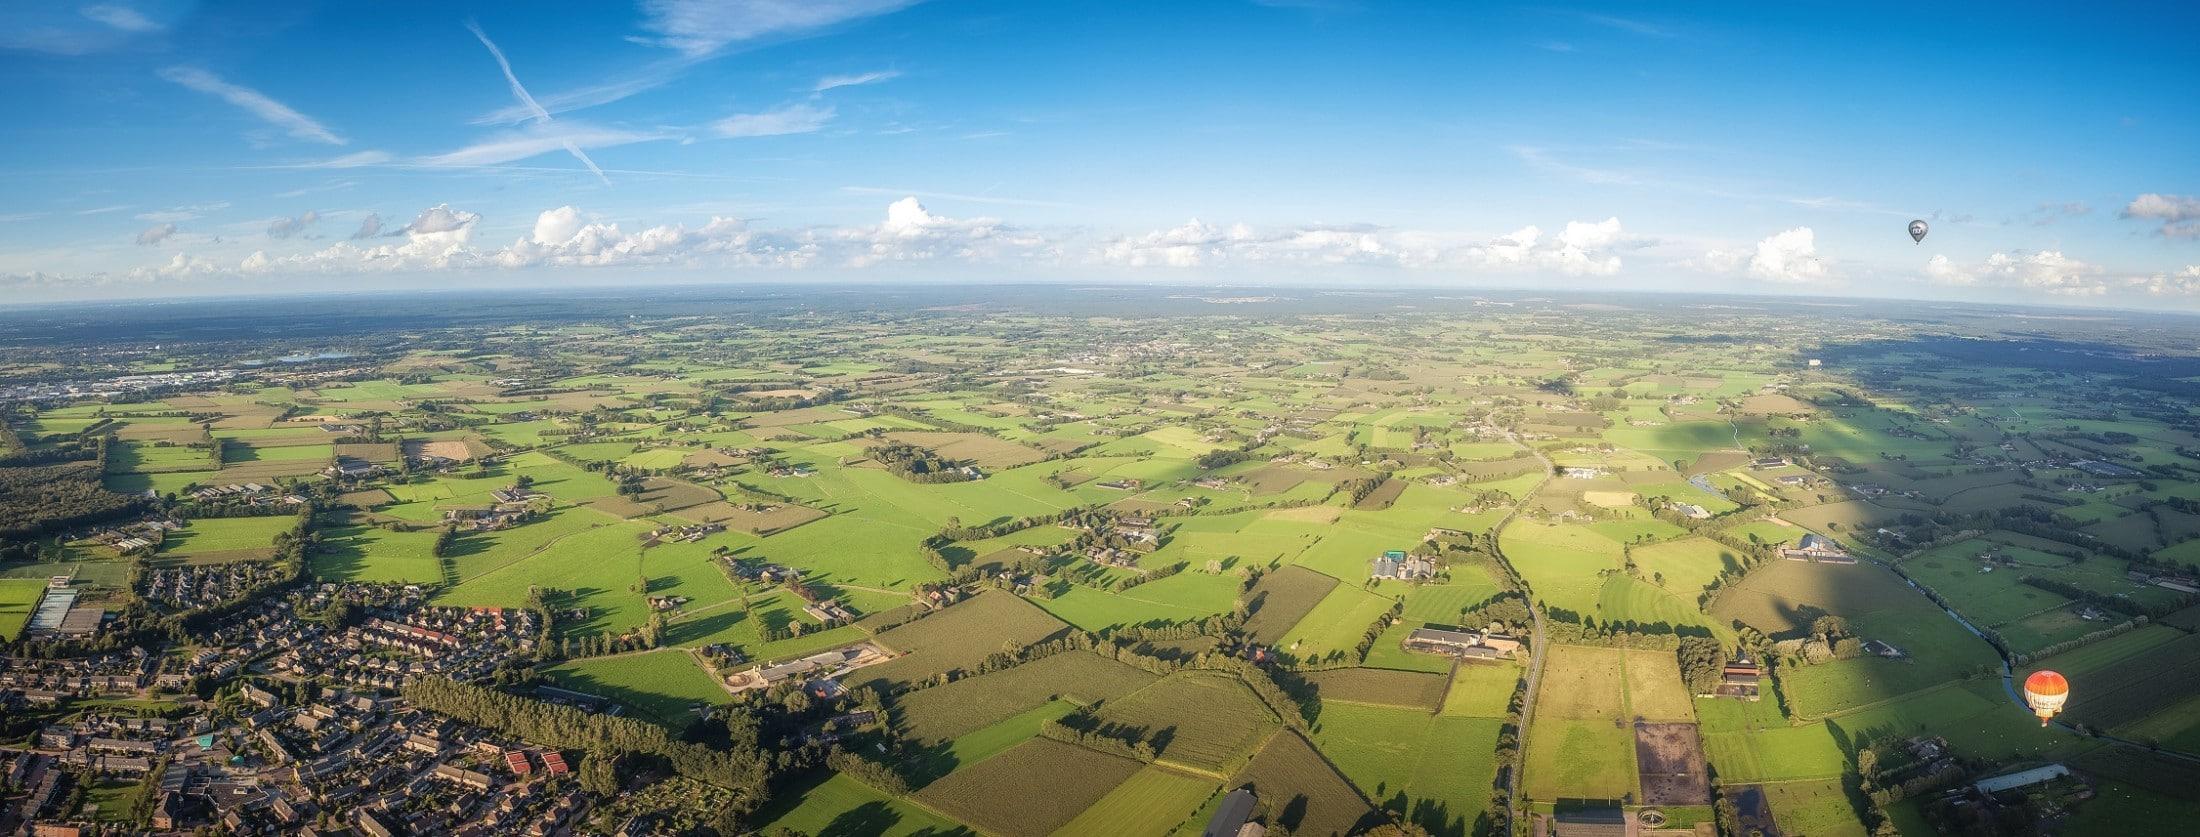 Barneveld vanuit de lucht